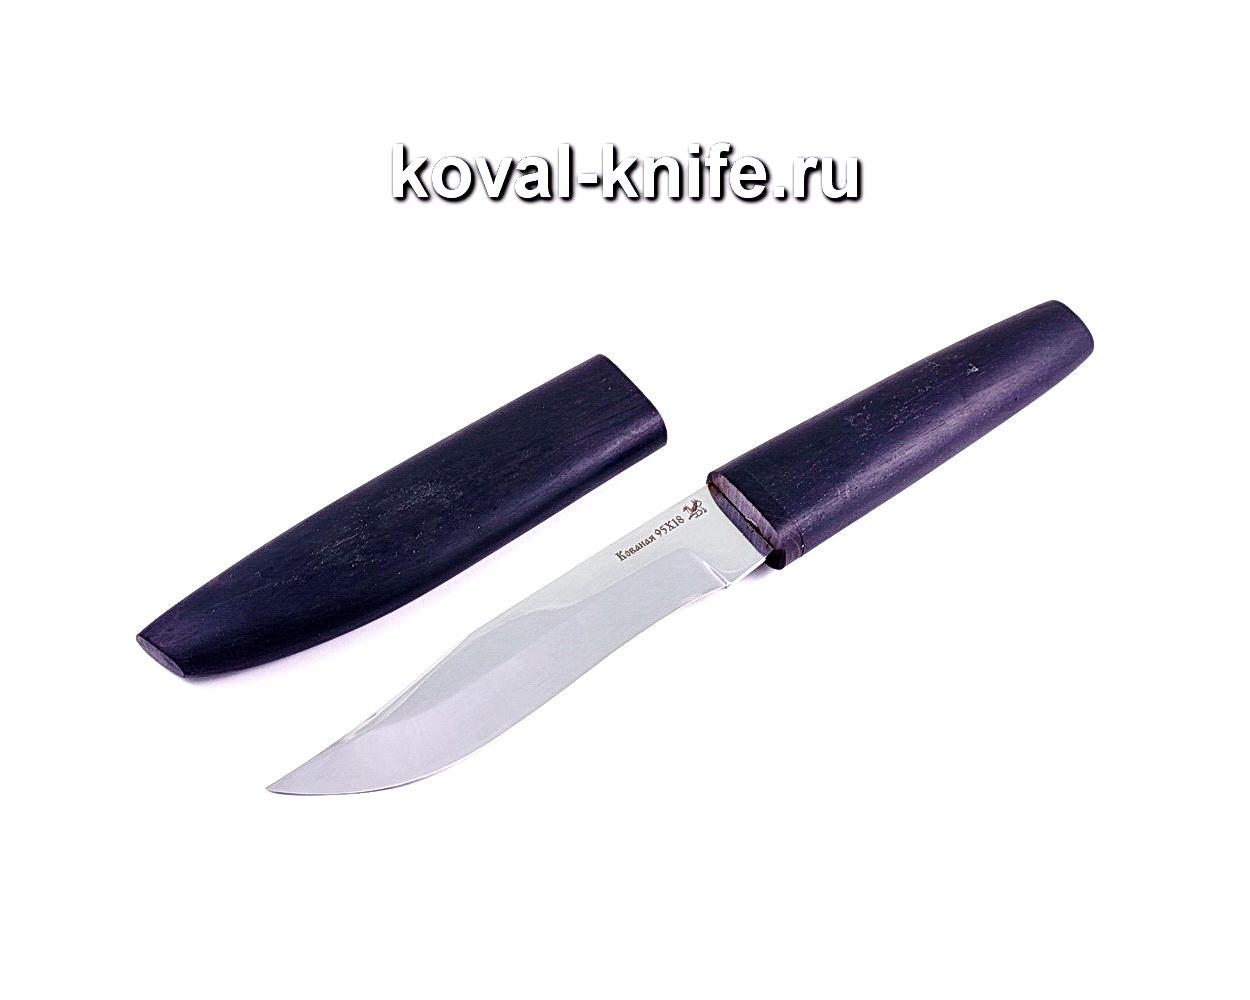 Нож Охотничий (сталь 95х18), рукоять и ножны граб A016